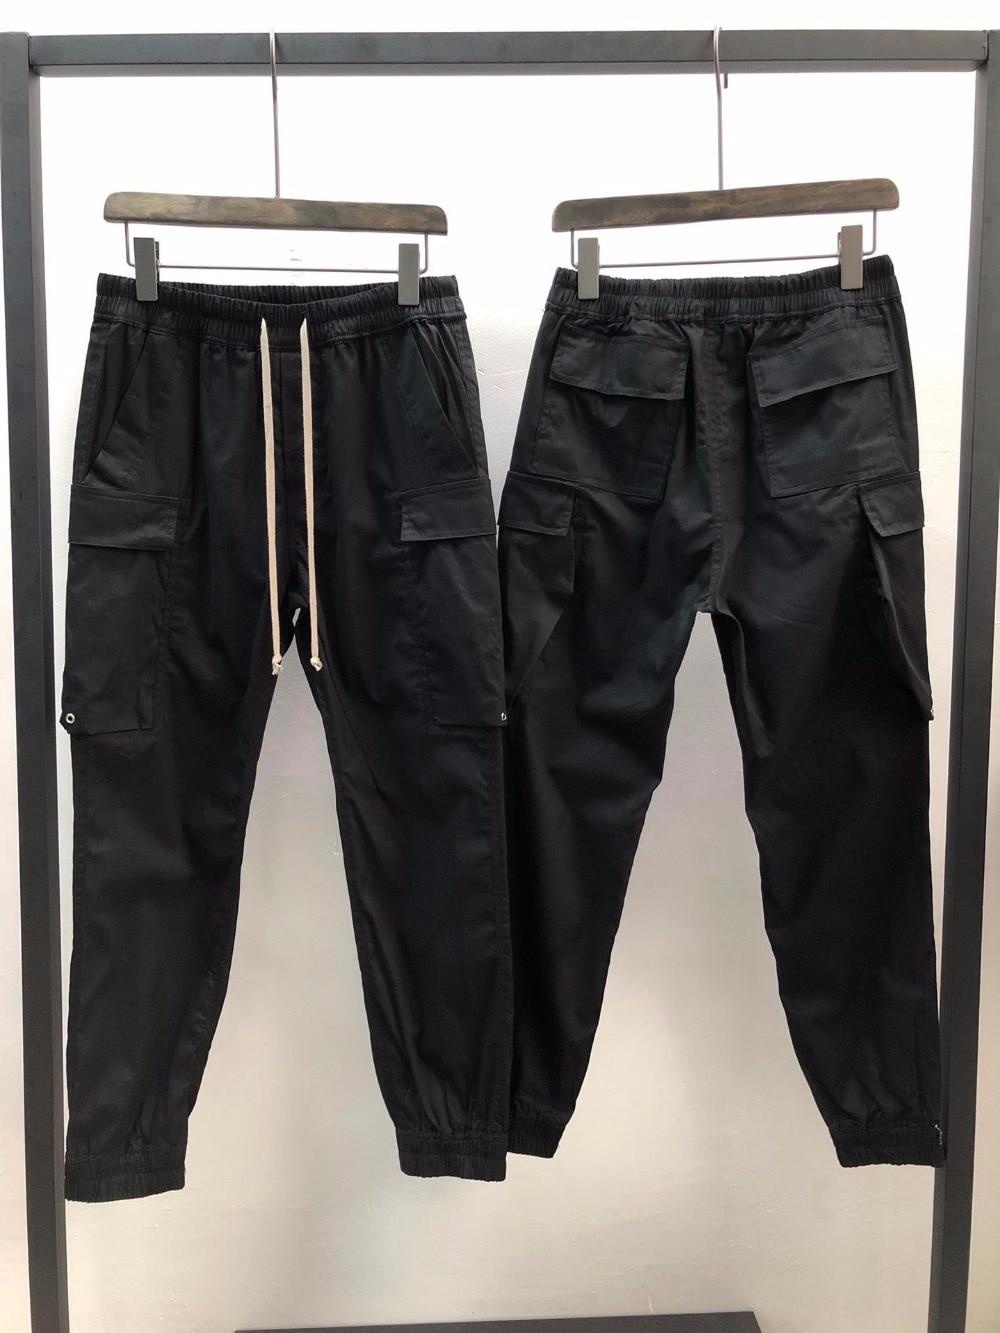 Pantalones para hombre 100% algodón gótico ropa de hombre pantalones de chándal de verano ligeros para mujer talla XL-in Pantalones deportivos from Ropa de hombre    1